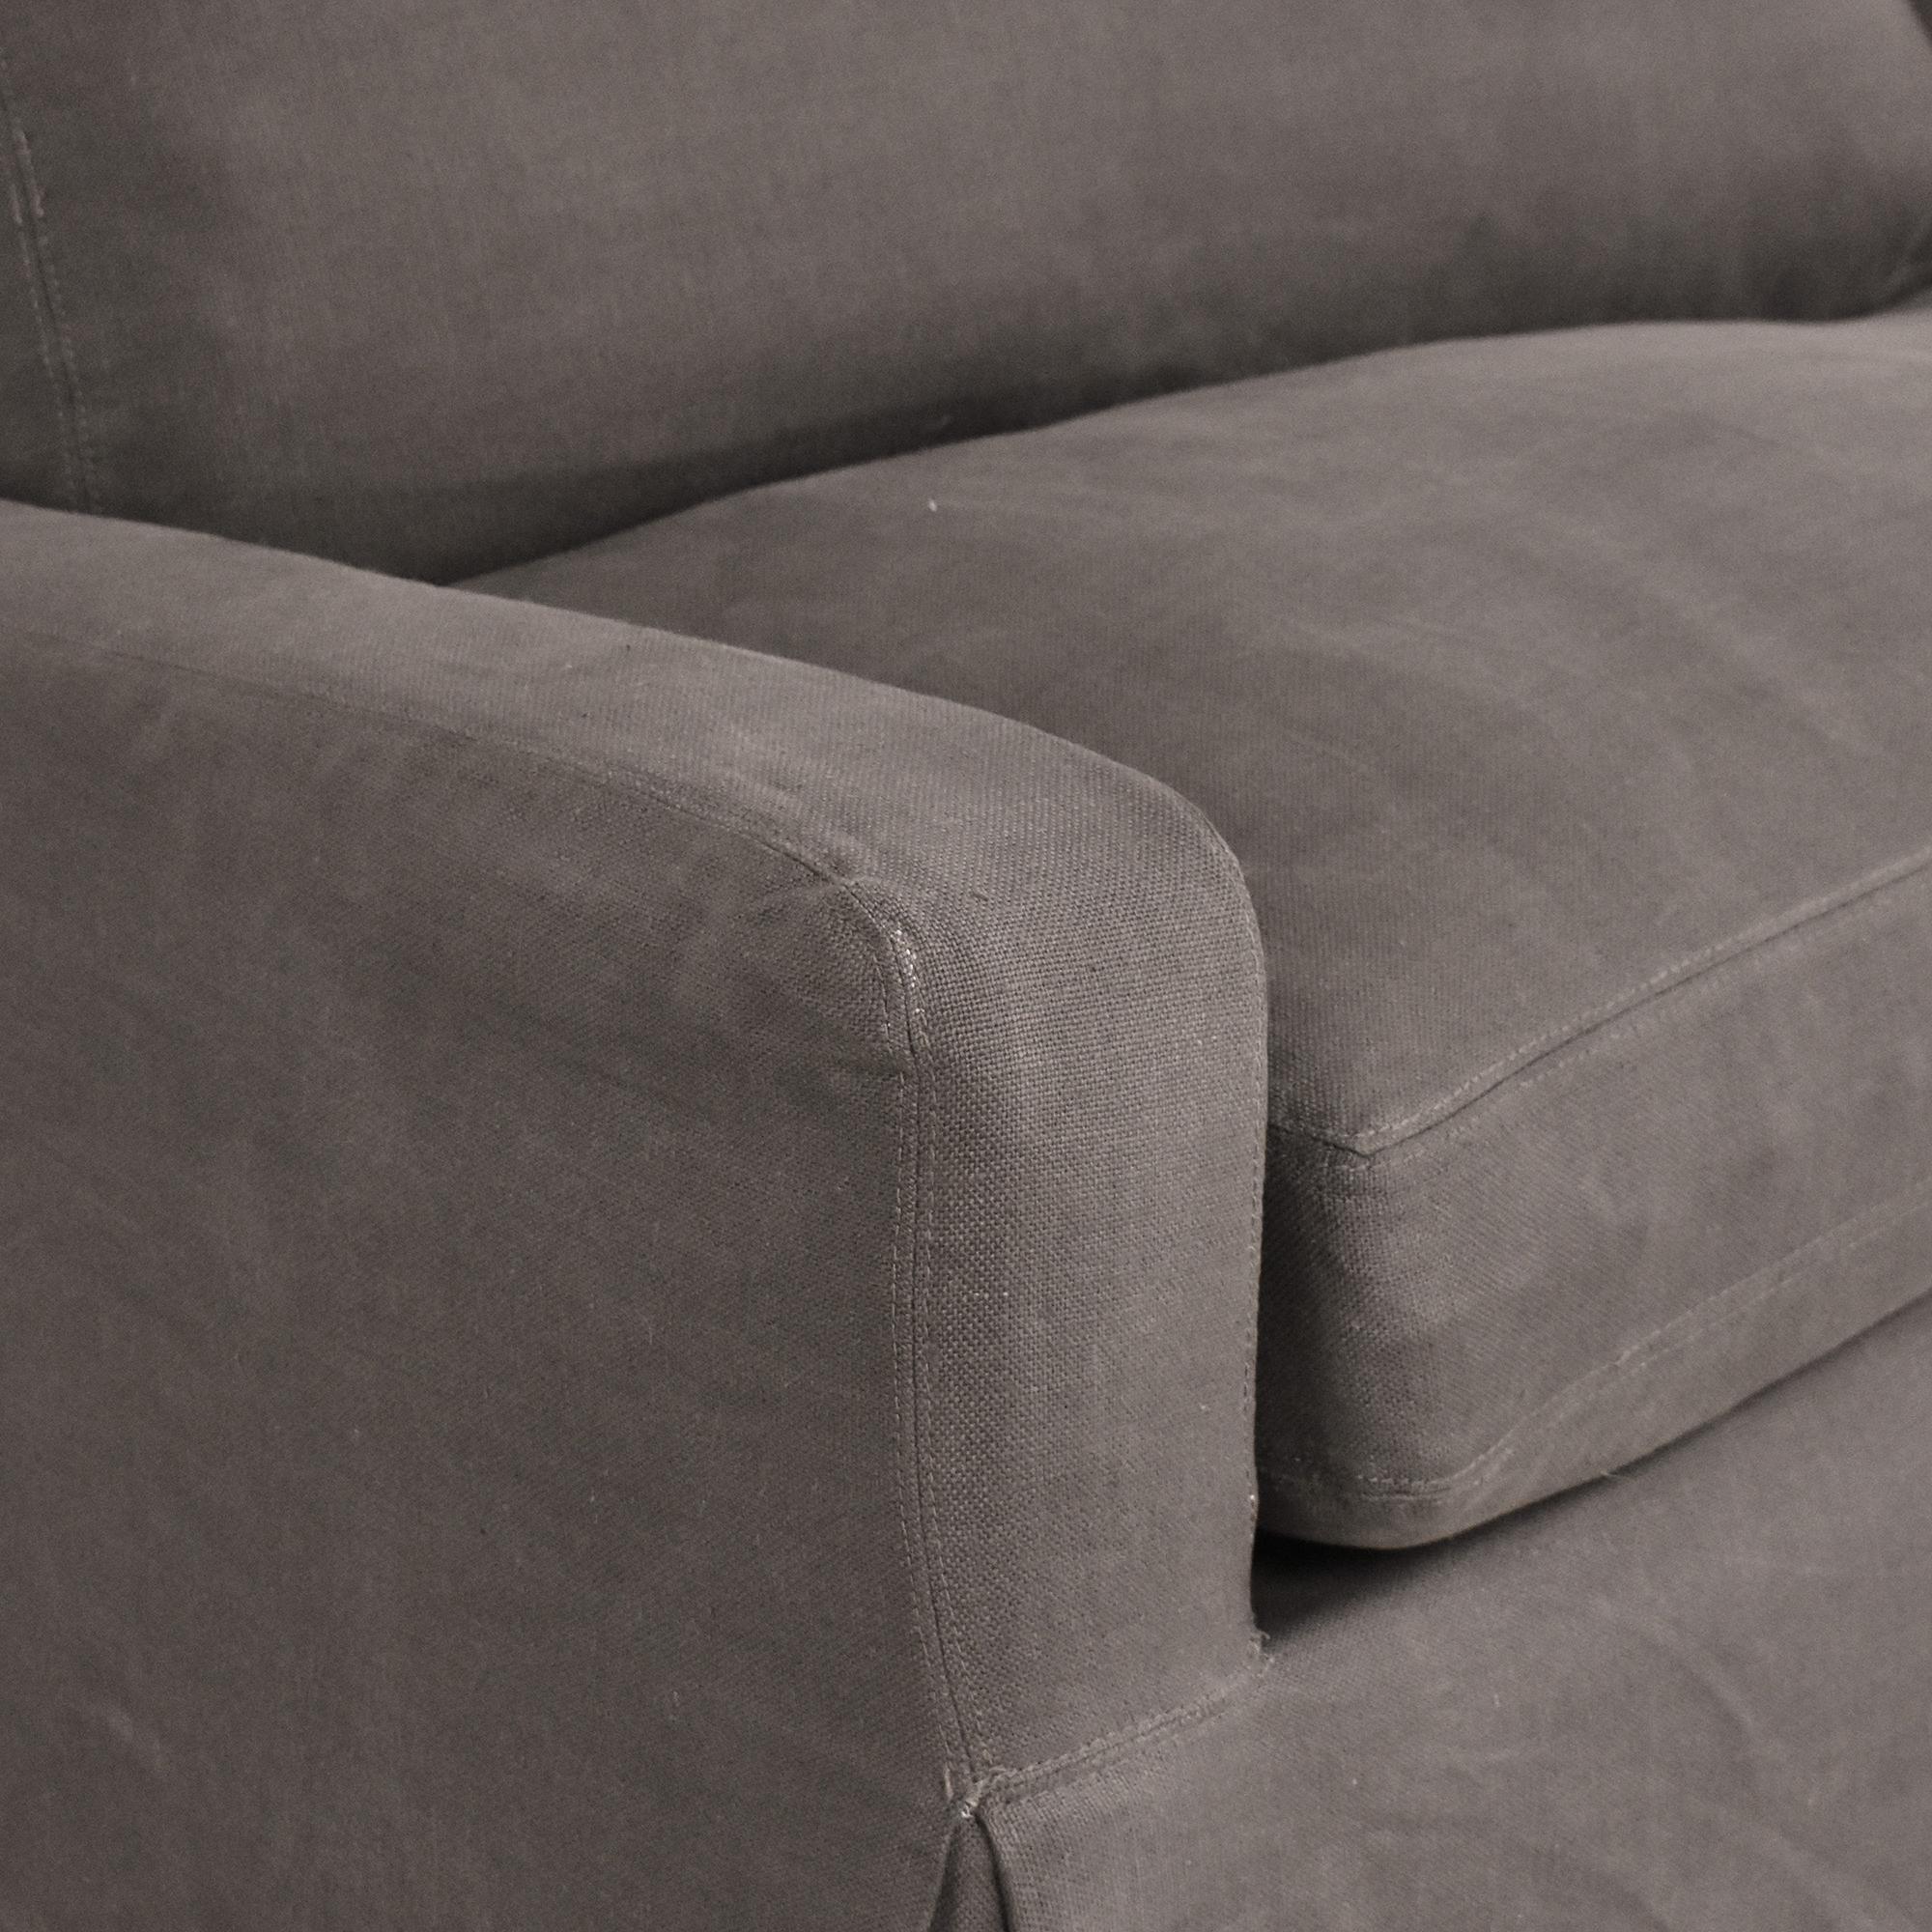 shop Restoration Hardware Belgian Track Arm Slipcovered Sleeper Sofa Restoration Hardware Sofas